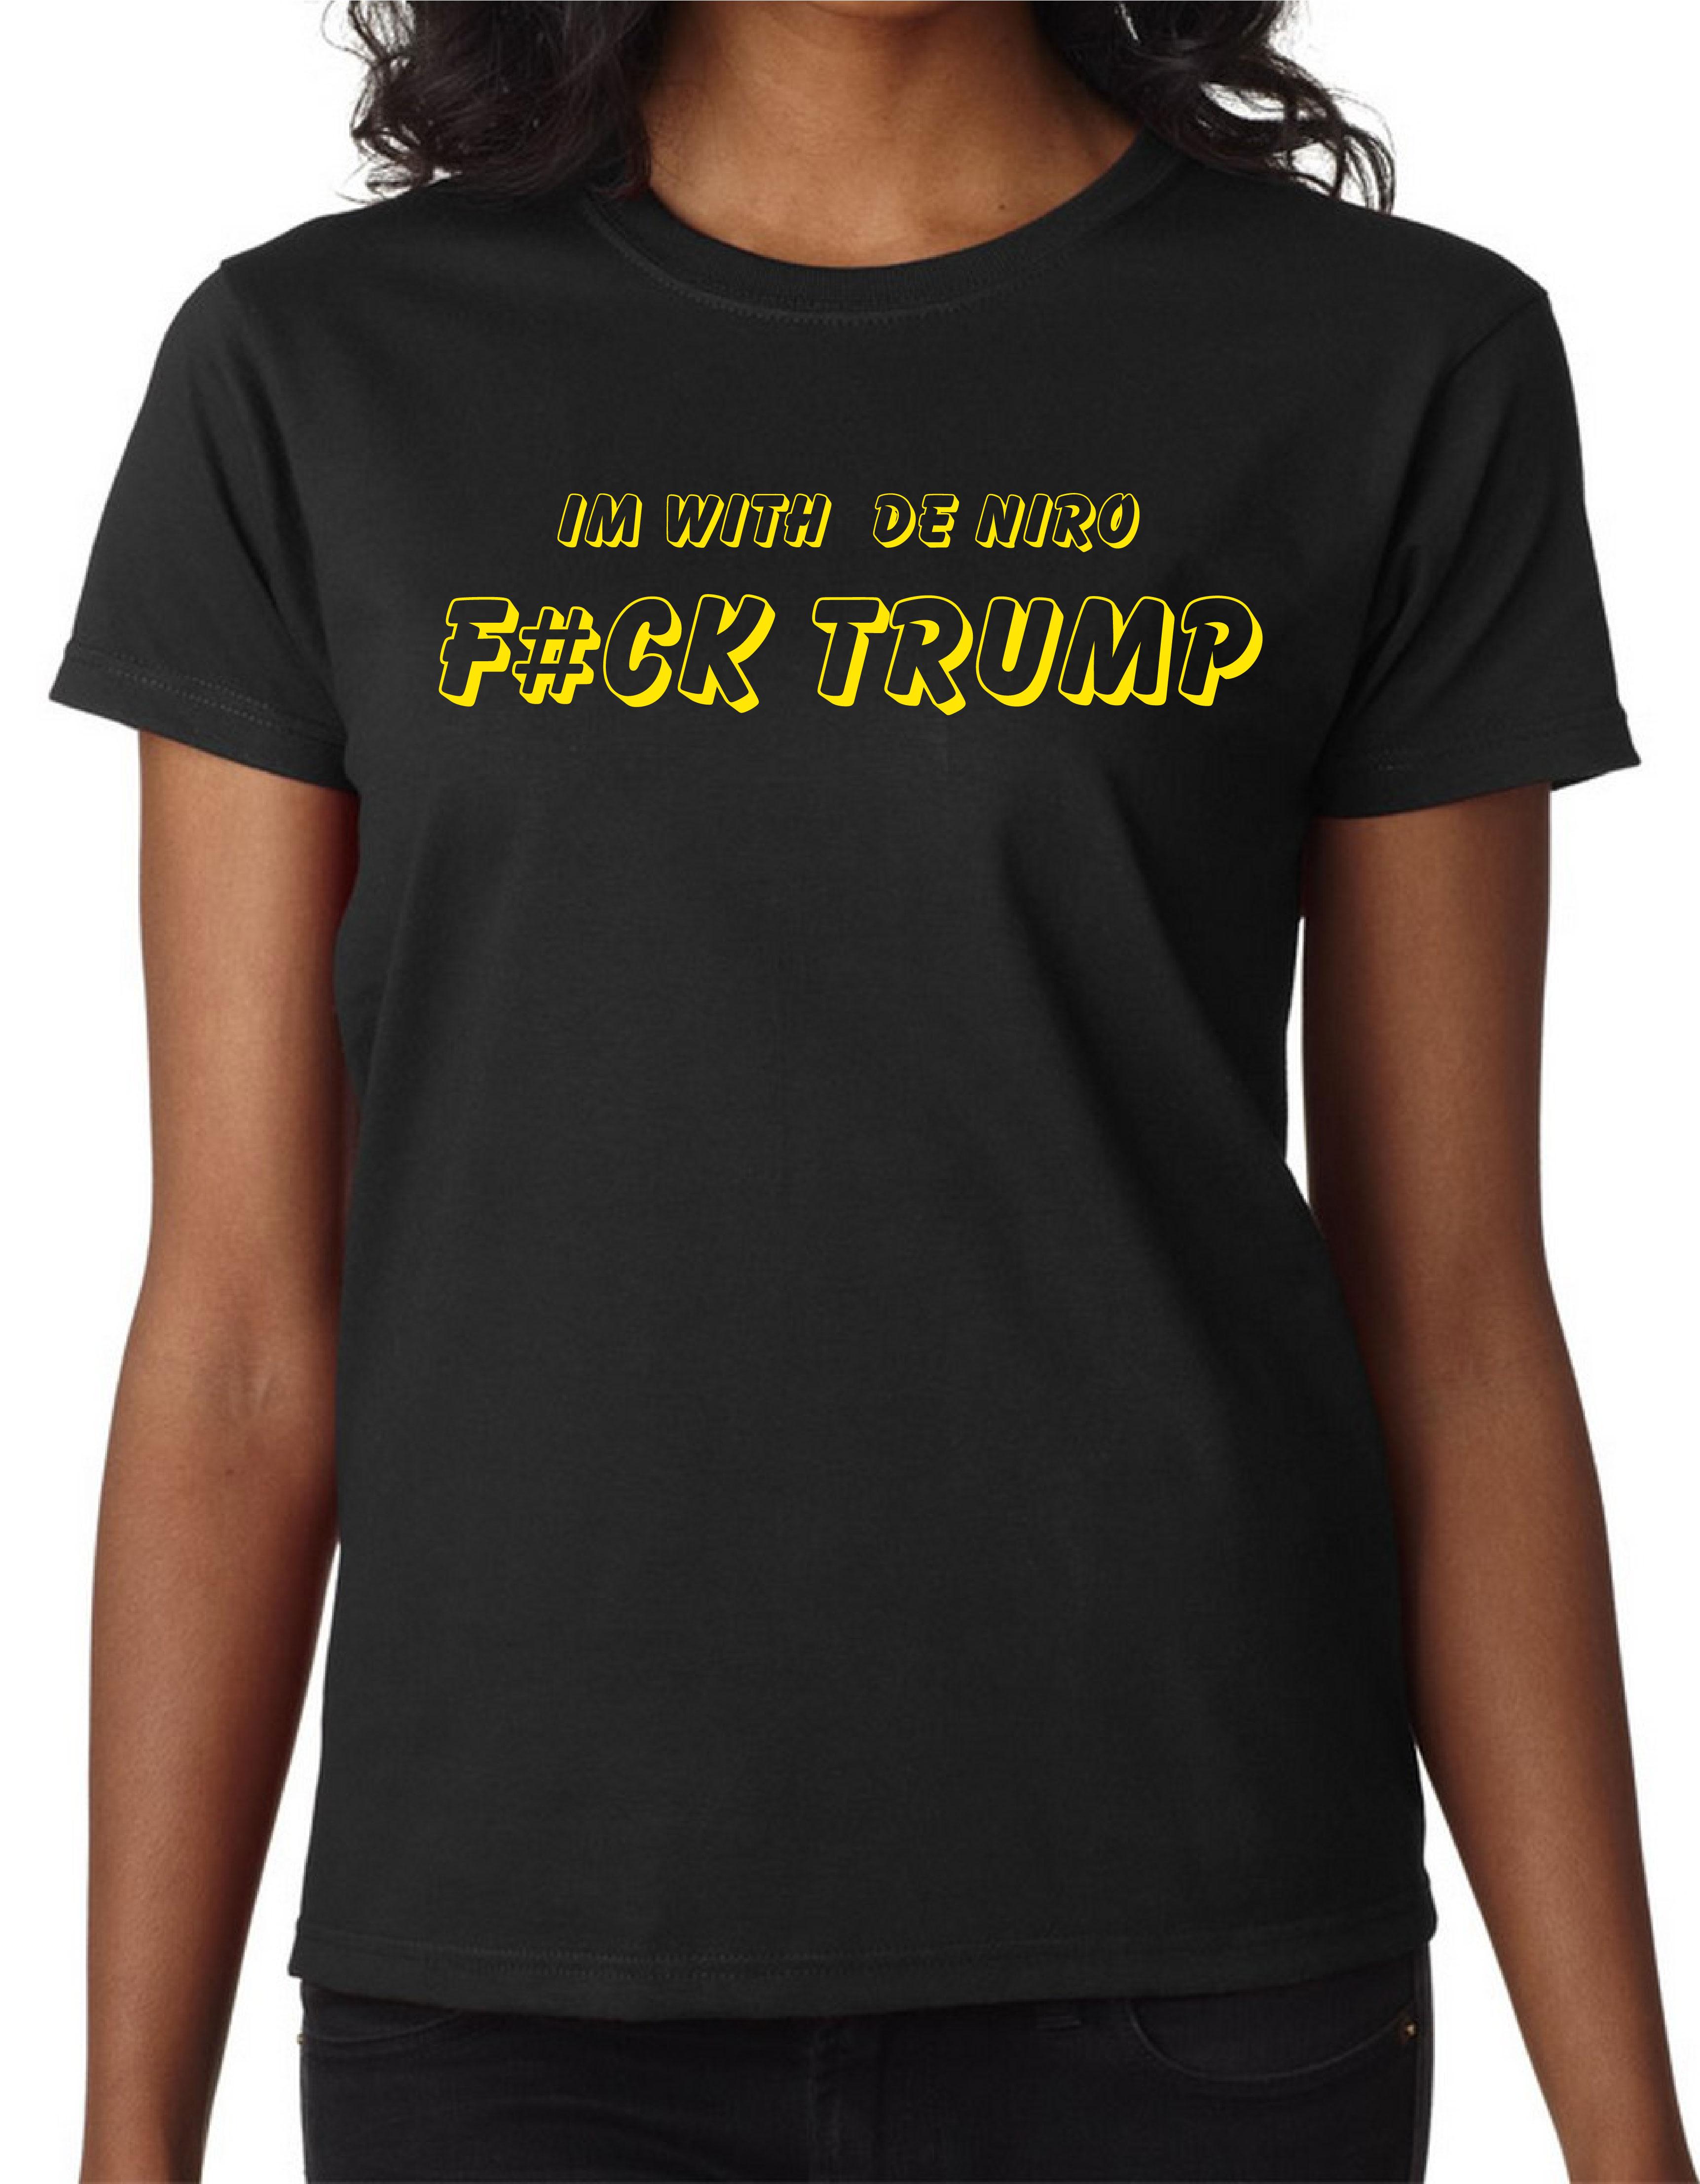 F#ck Trump